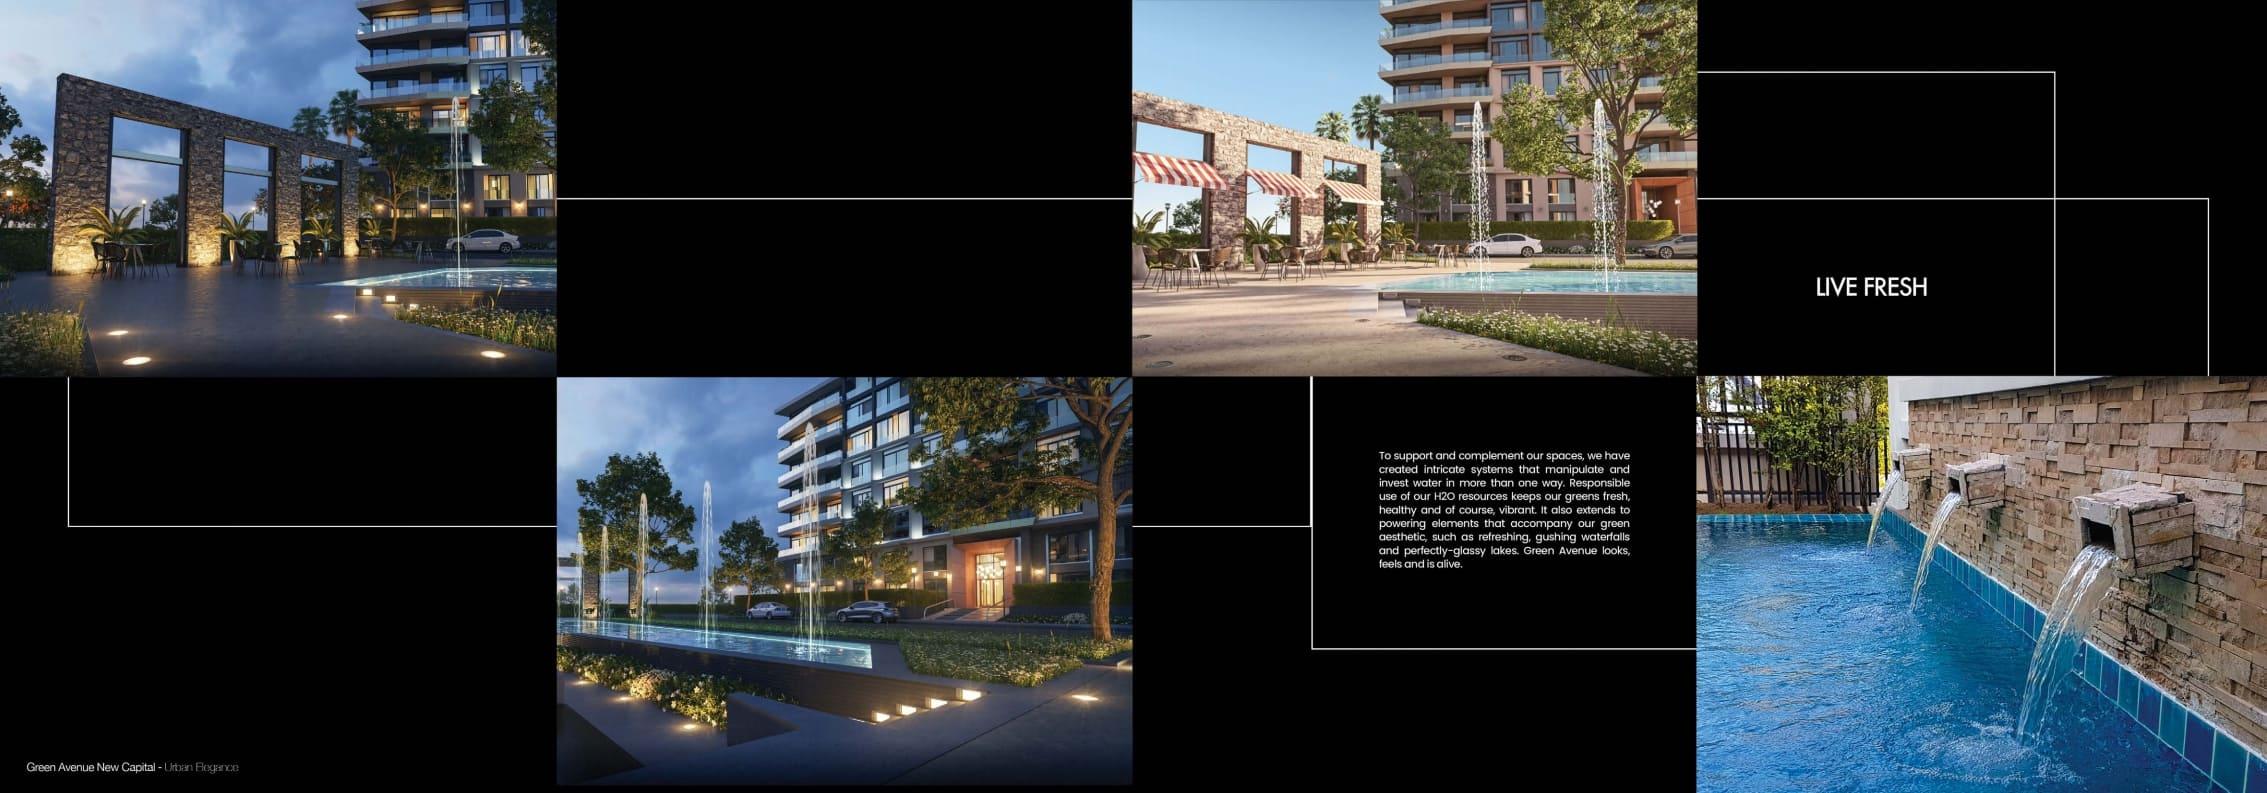 تصميم كمبوند جرين افينيو بالعاصمة الادارية الجديدة Compound Green Avenue